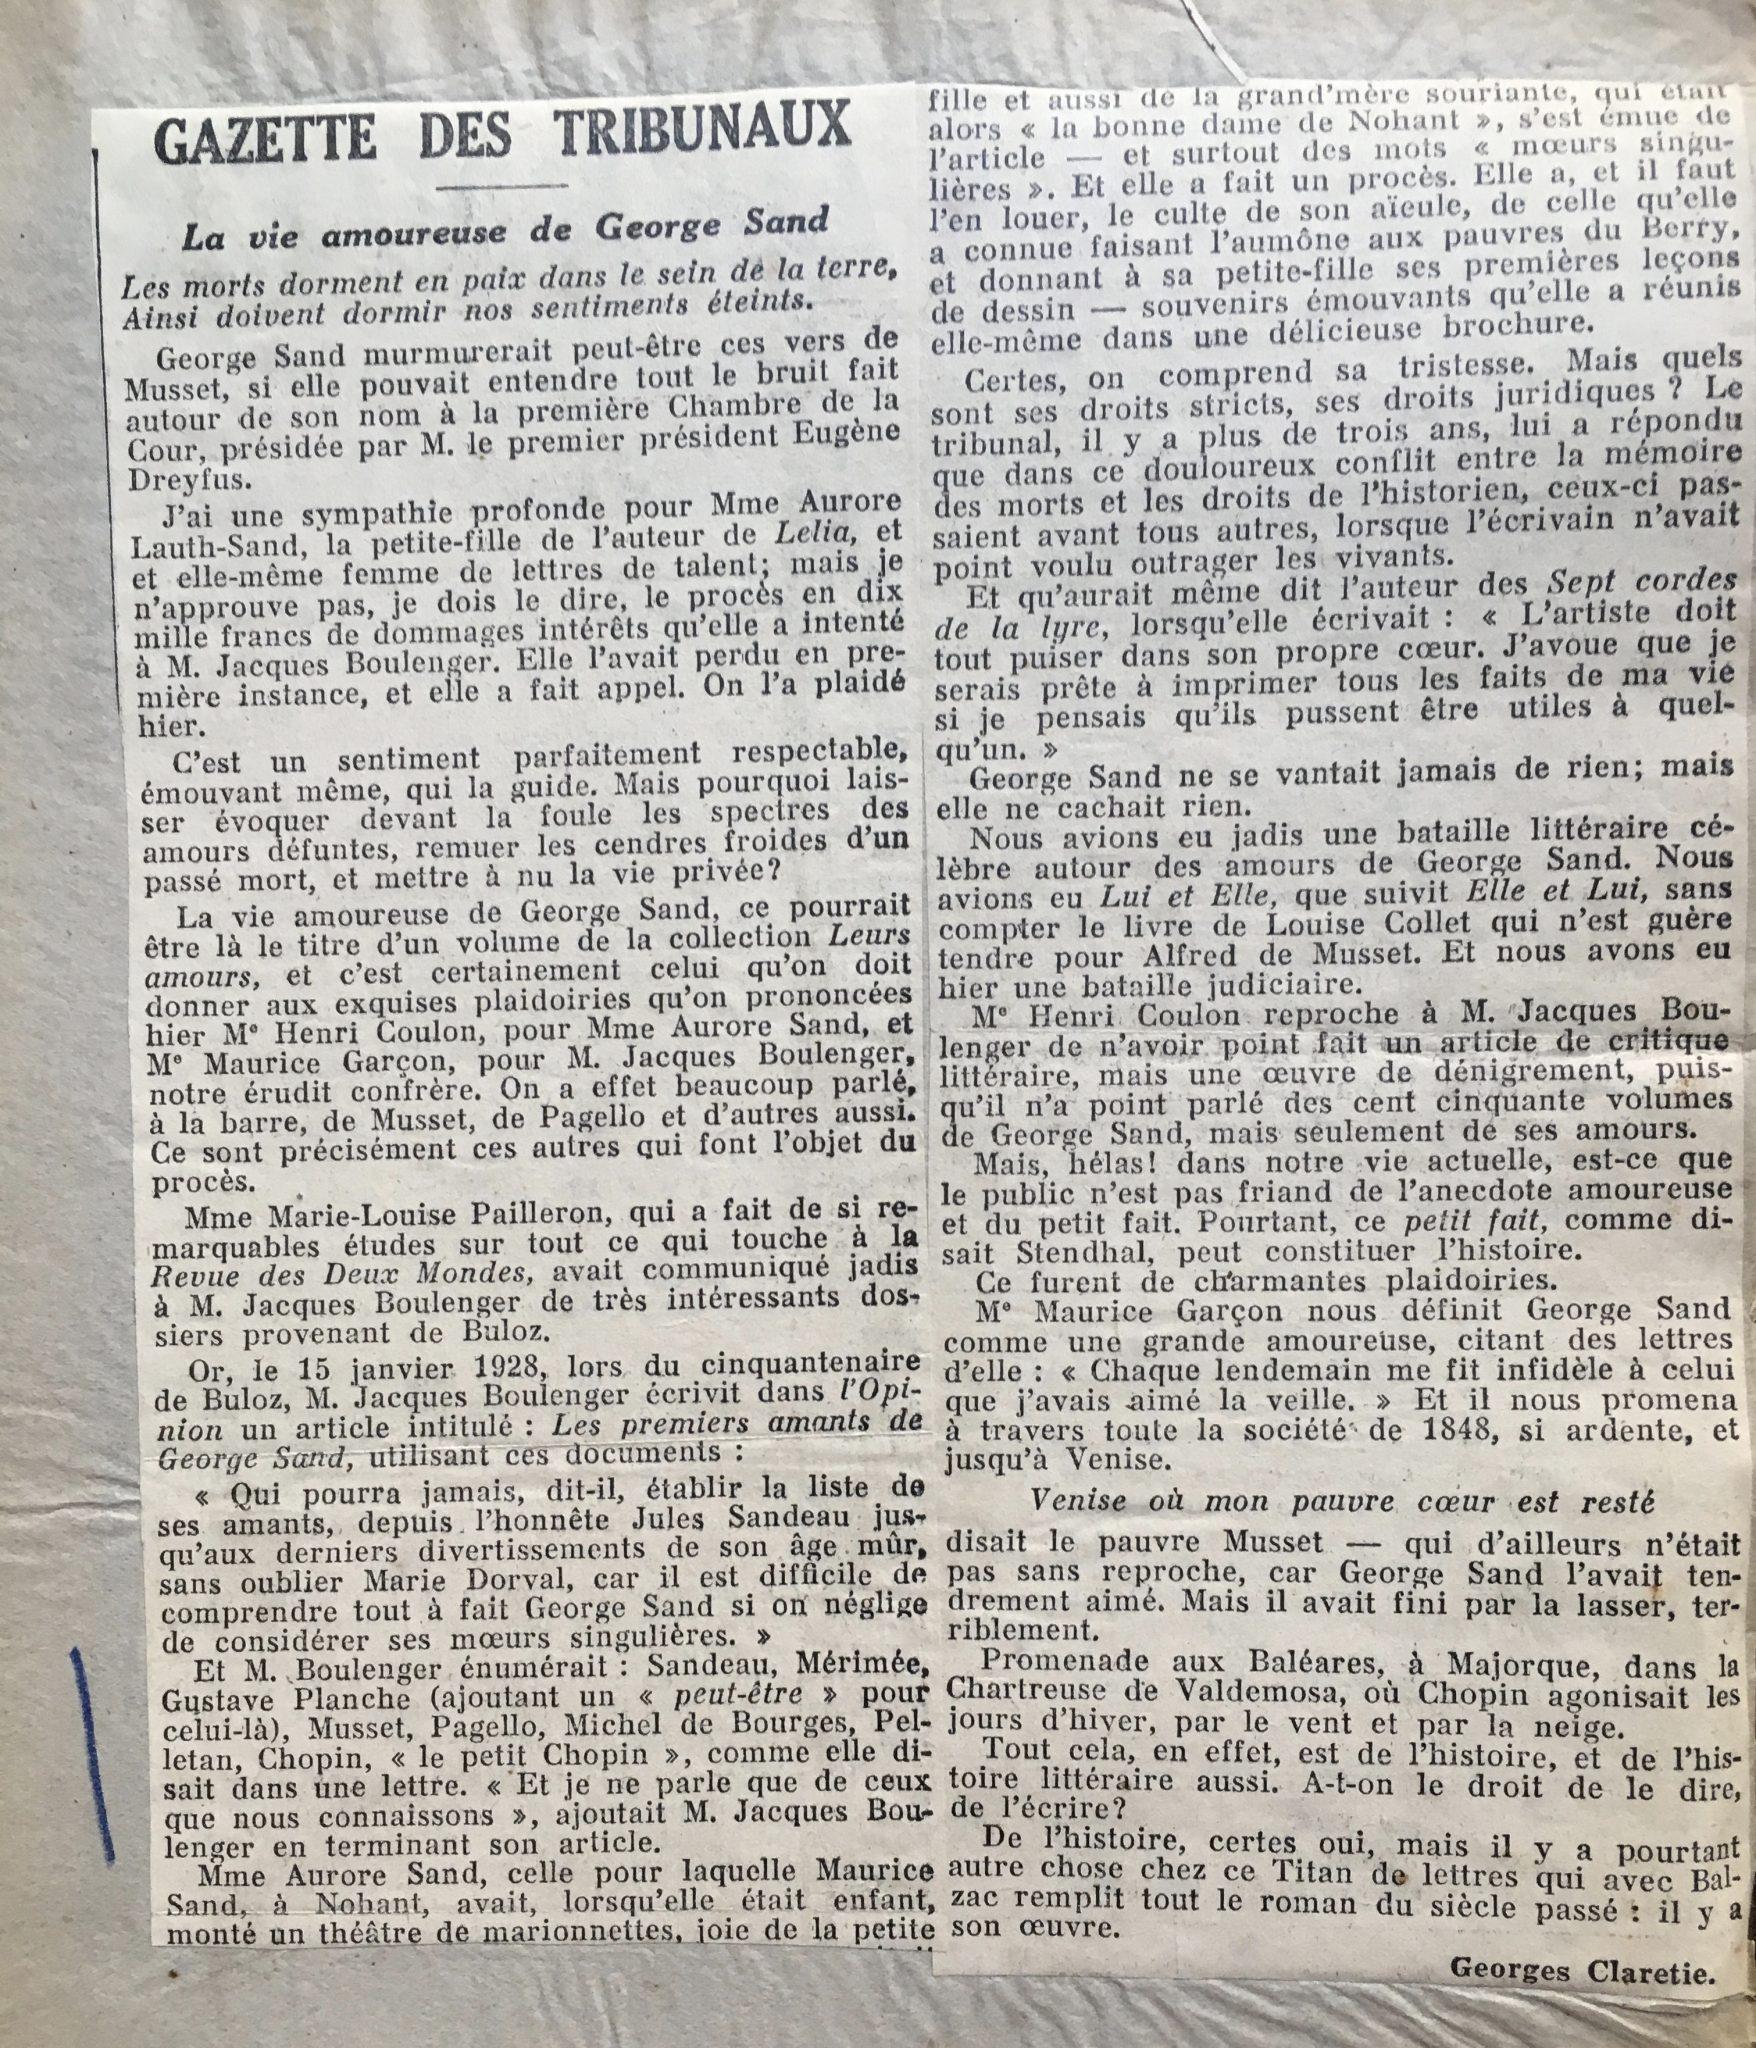 Gazette des tribunaux 1932